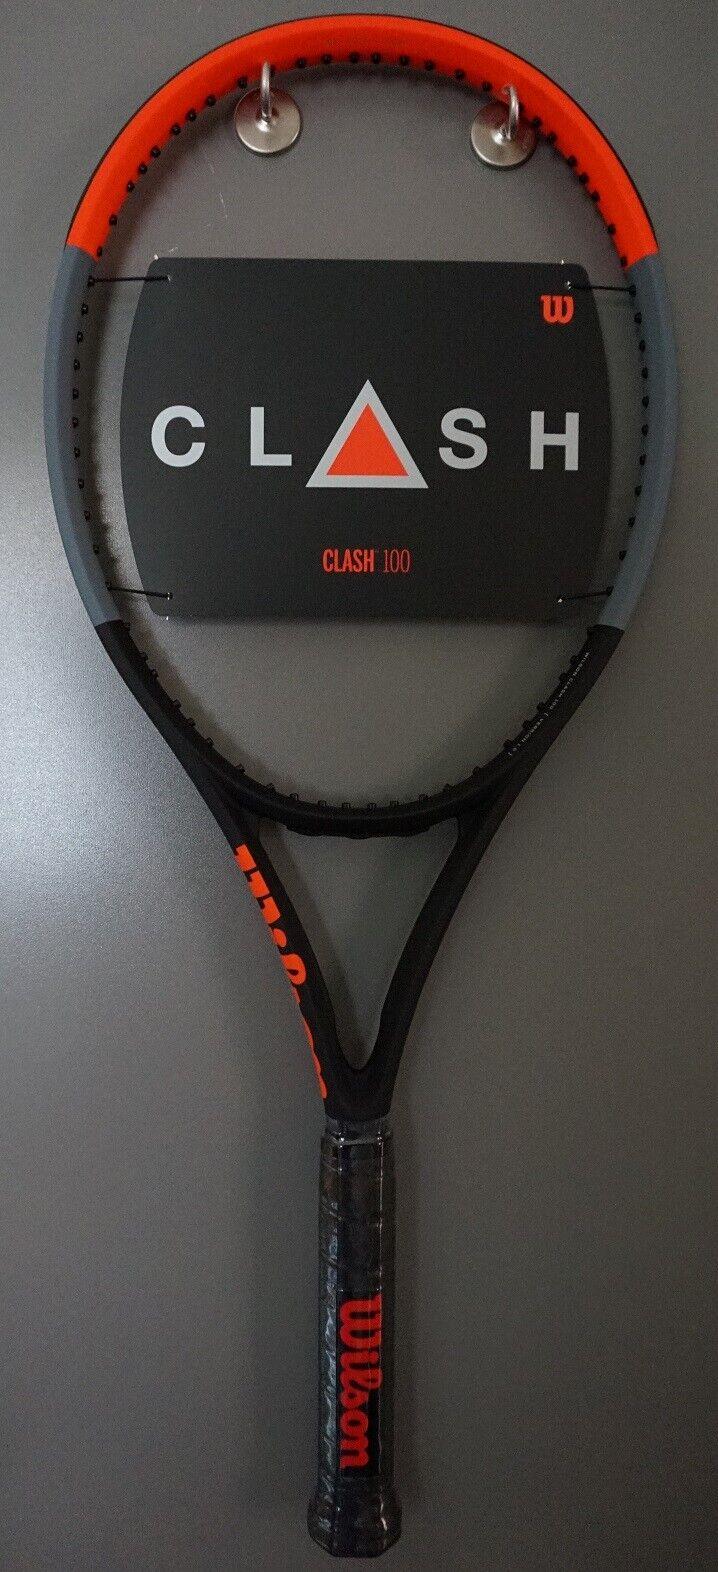 Neuf Wilson Clash 100 Raquette de tennis 4 1 2 L4 Raquette 16x19 2019